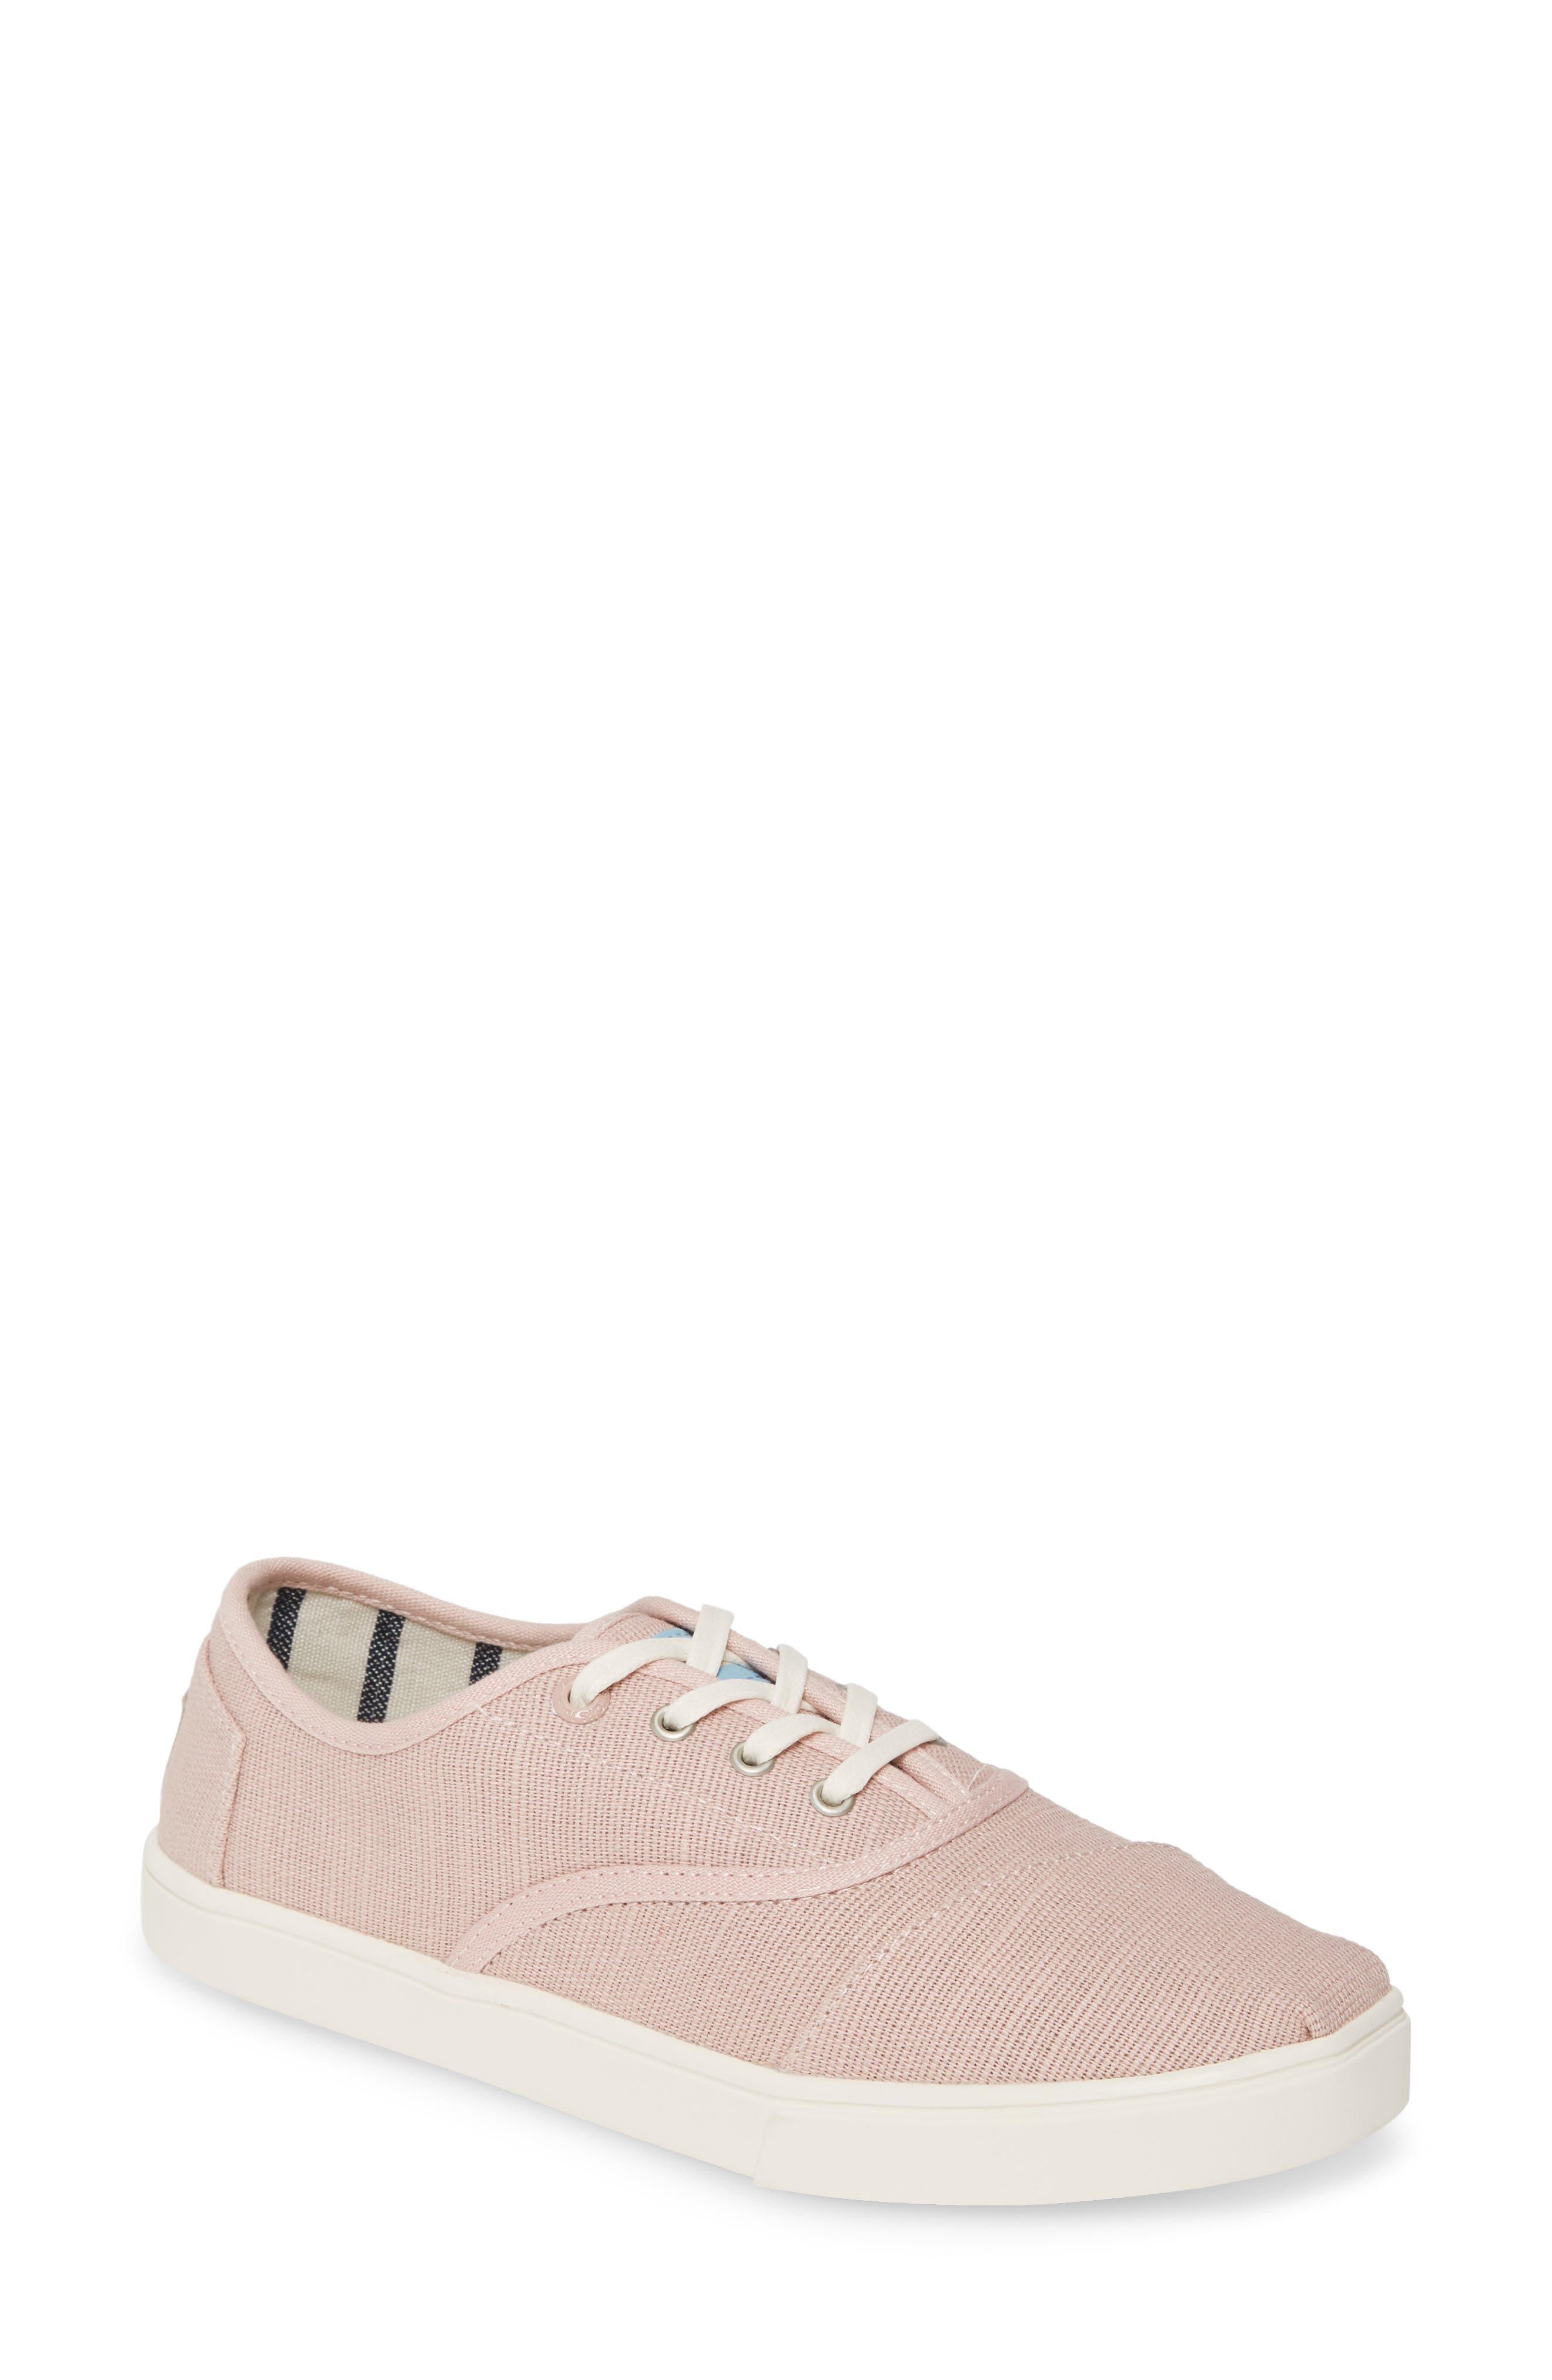 Toms Cordones Sneaker B - Pink